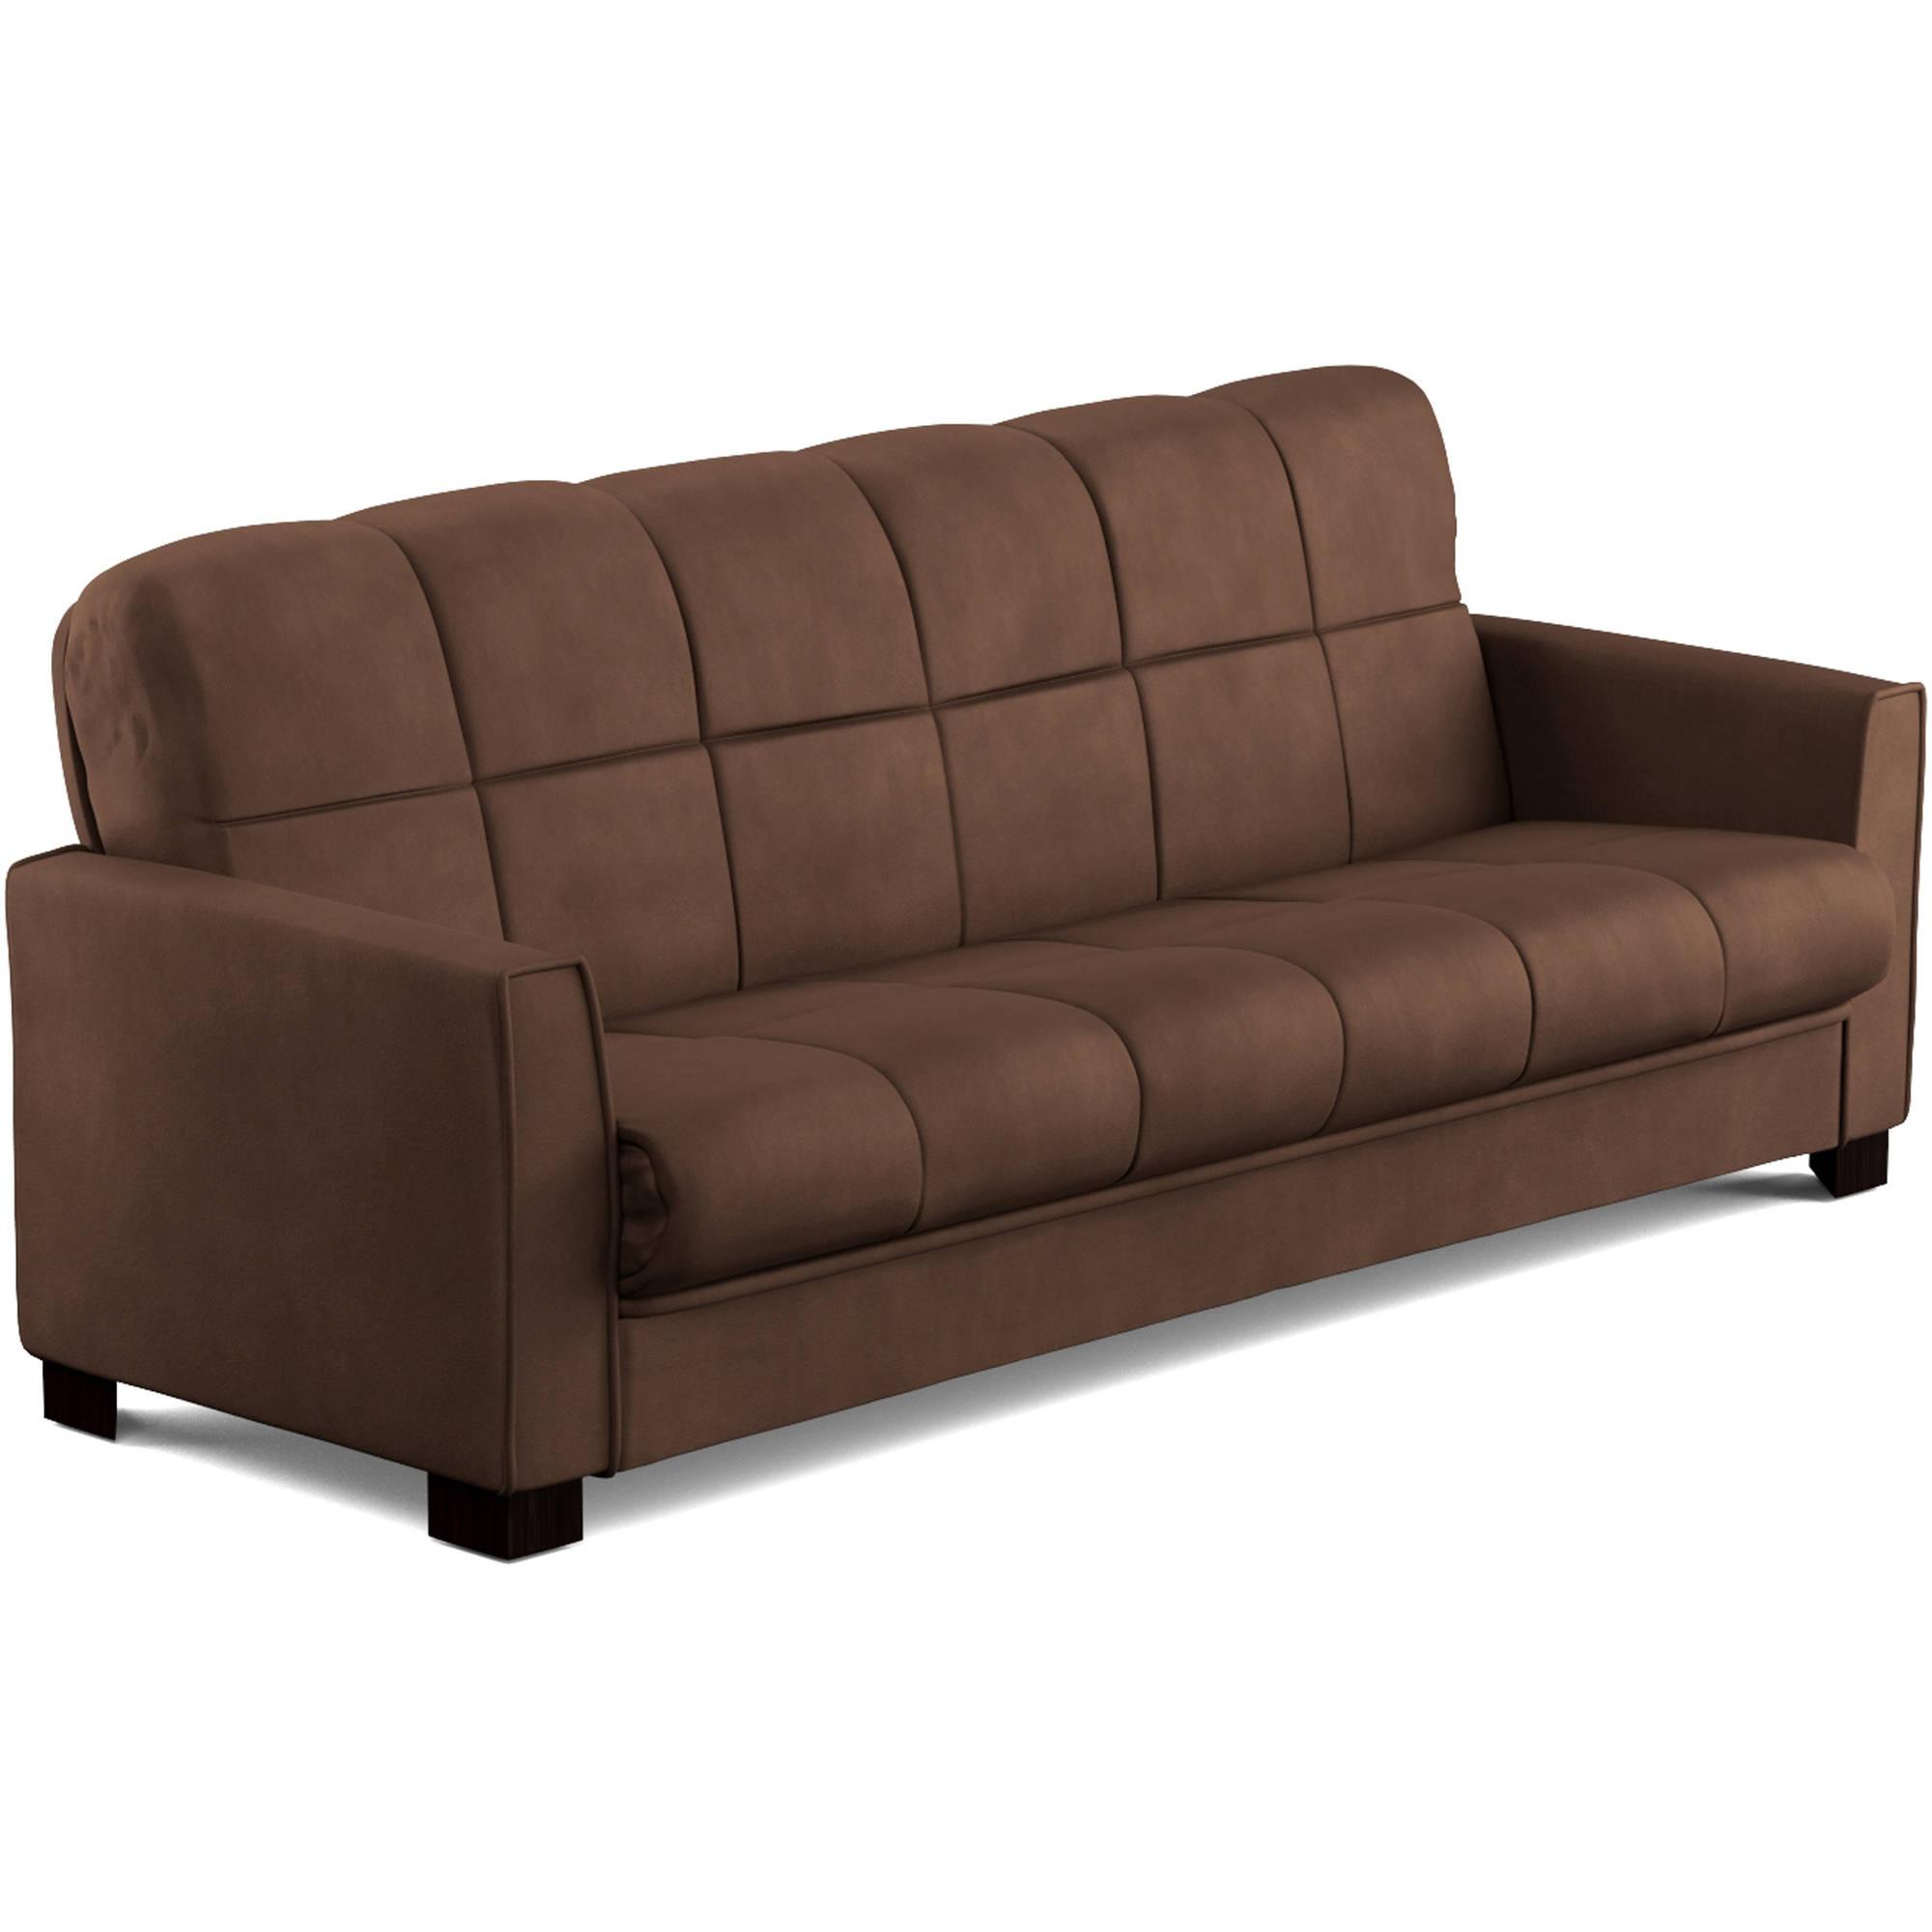 pics Mainstays Baja Futon Sofa Sleeper Bed, Multiple Colors